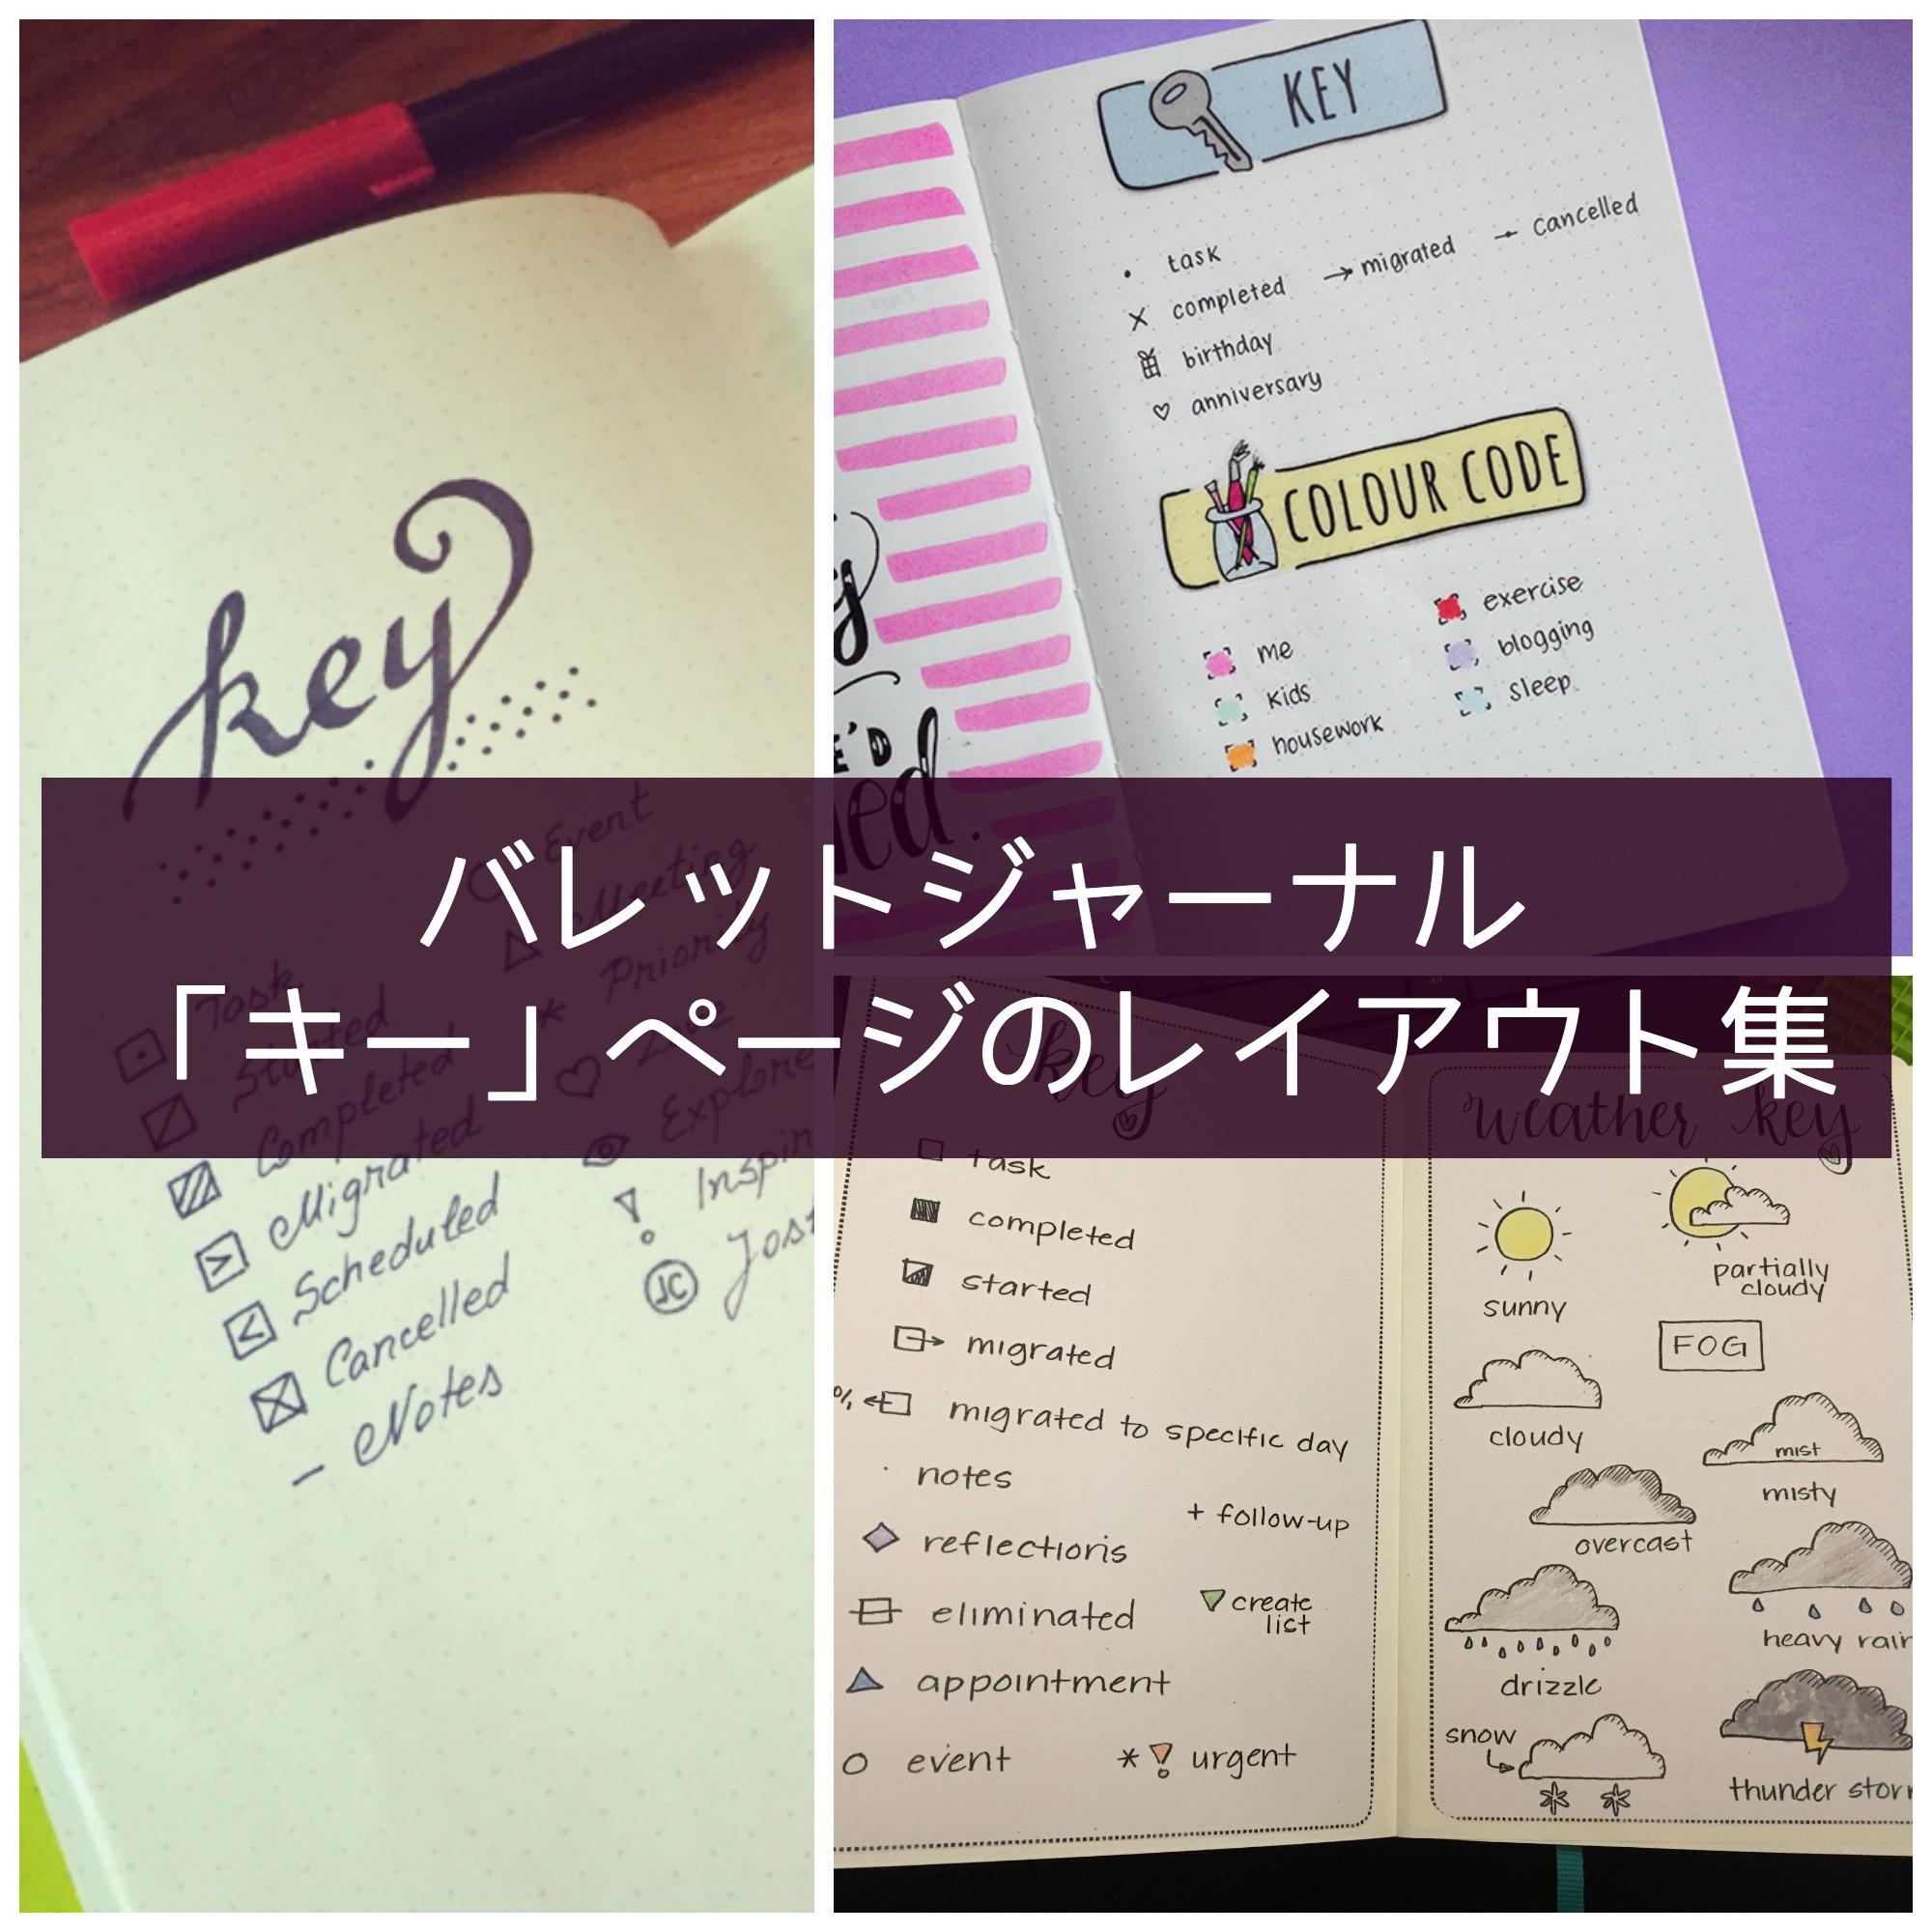 バレットジャーナル【Key(キー)】ページのレイアウト・デザイン33選